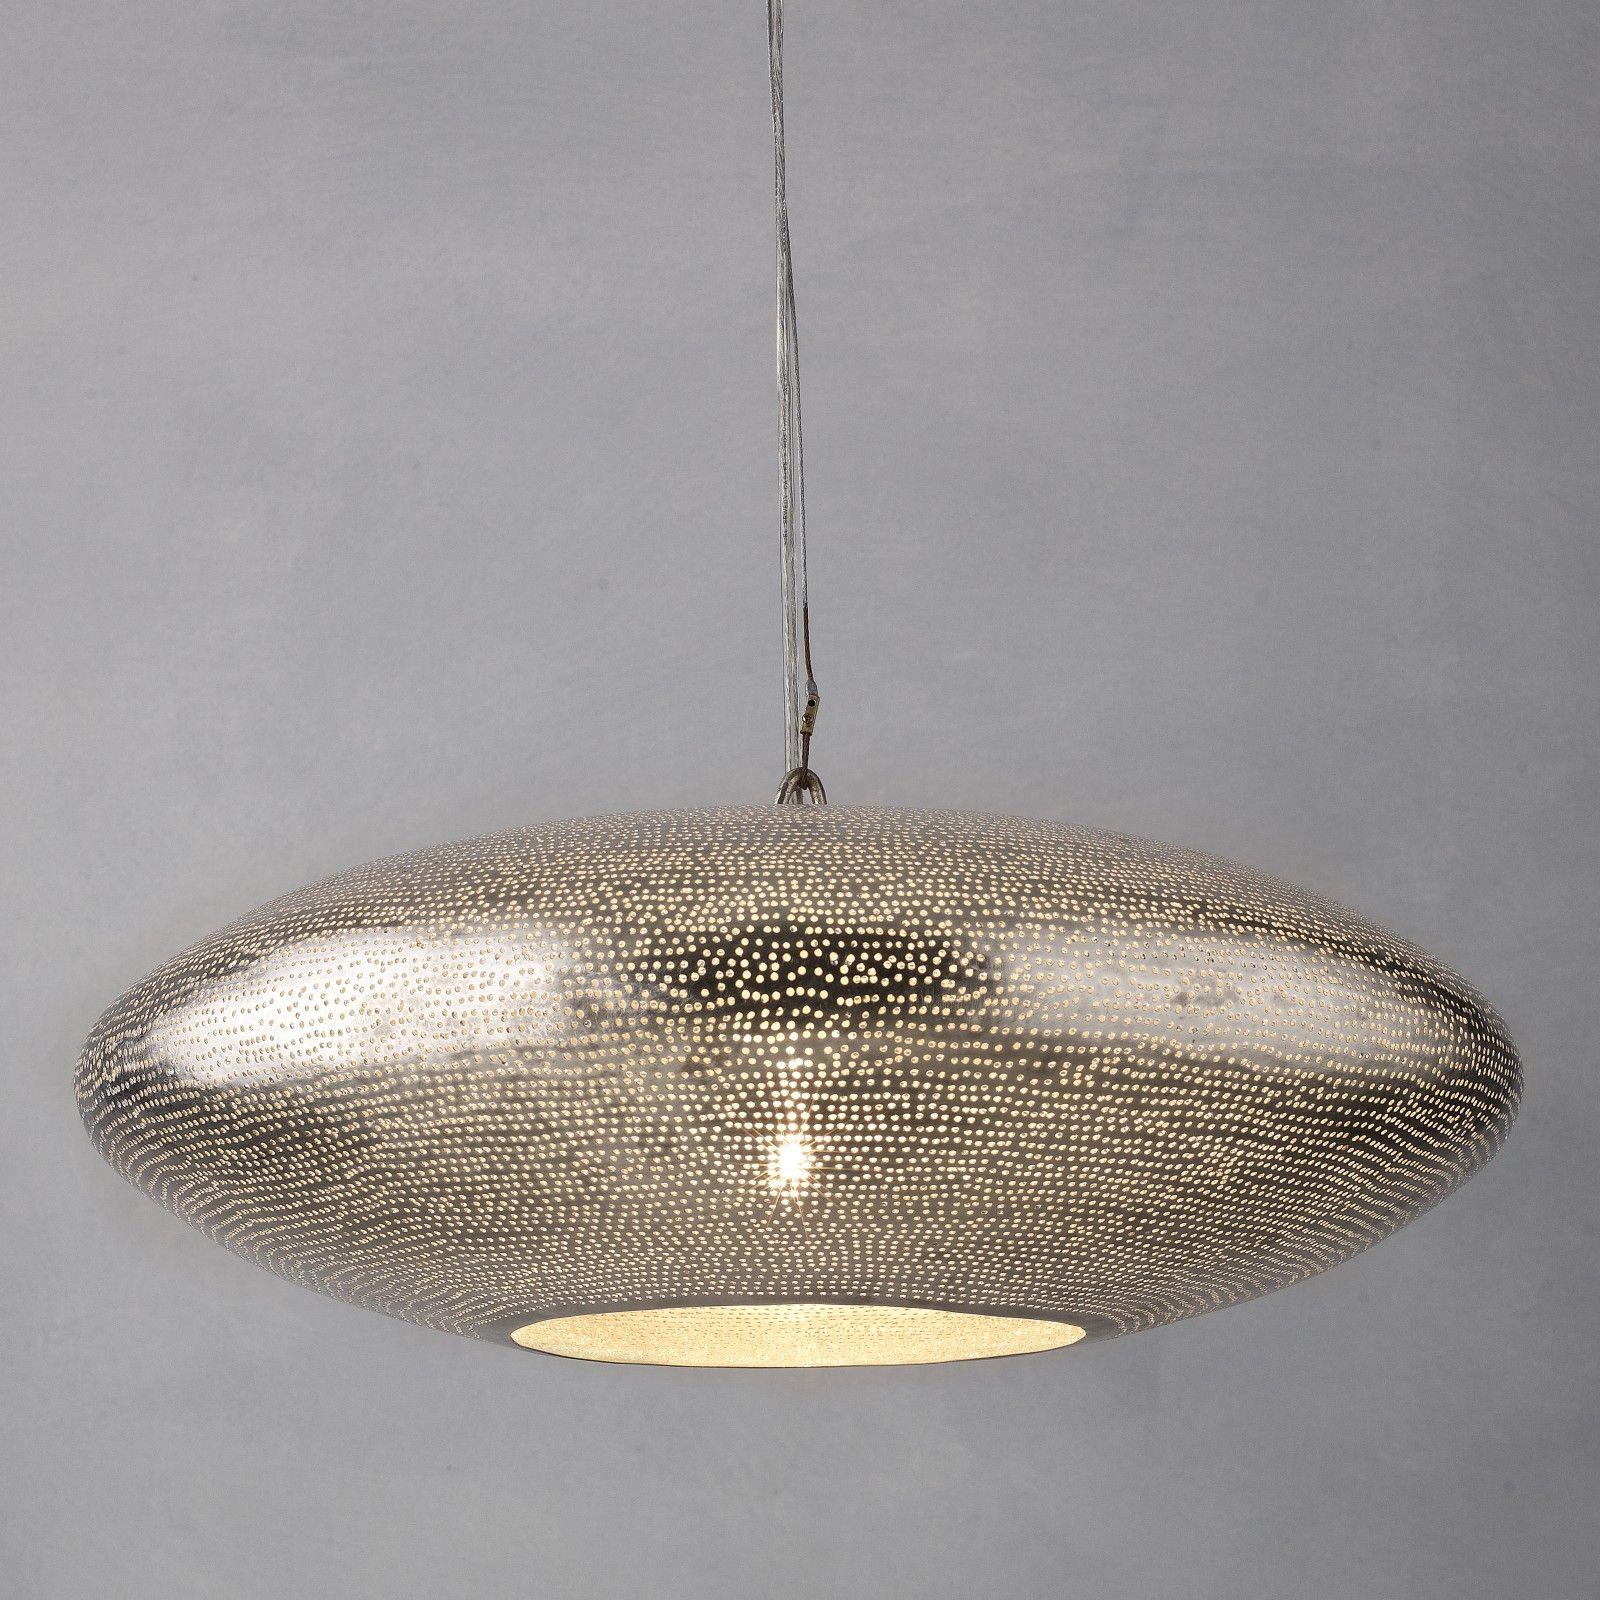 Buy Zenza Filisky Oval Pendant Ceiling Light Online At Johnlewiscom